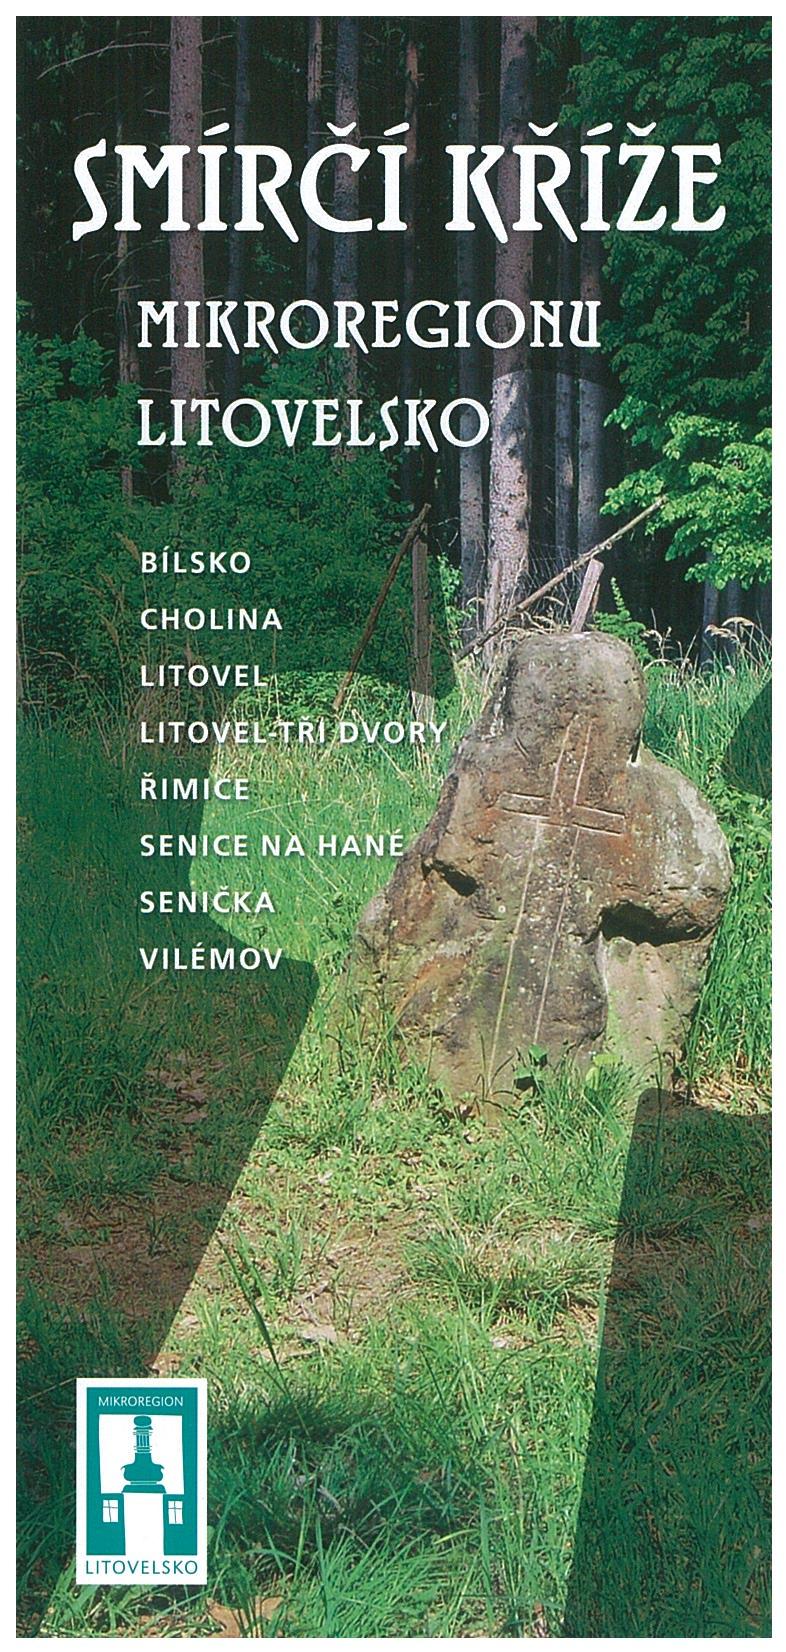 Smírčí kříže Mikroregionu Litovelsko, obrázek se otevře v novém okně